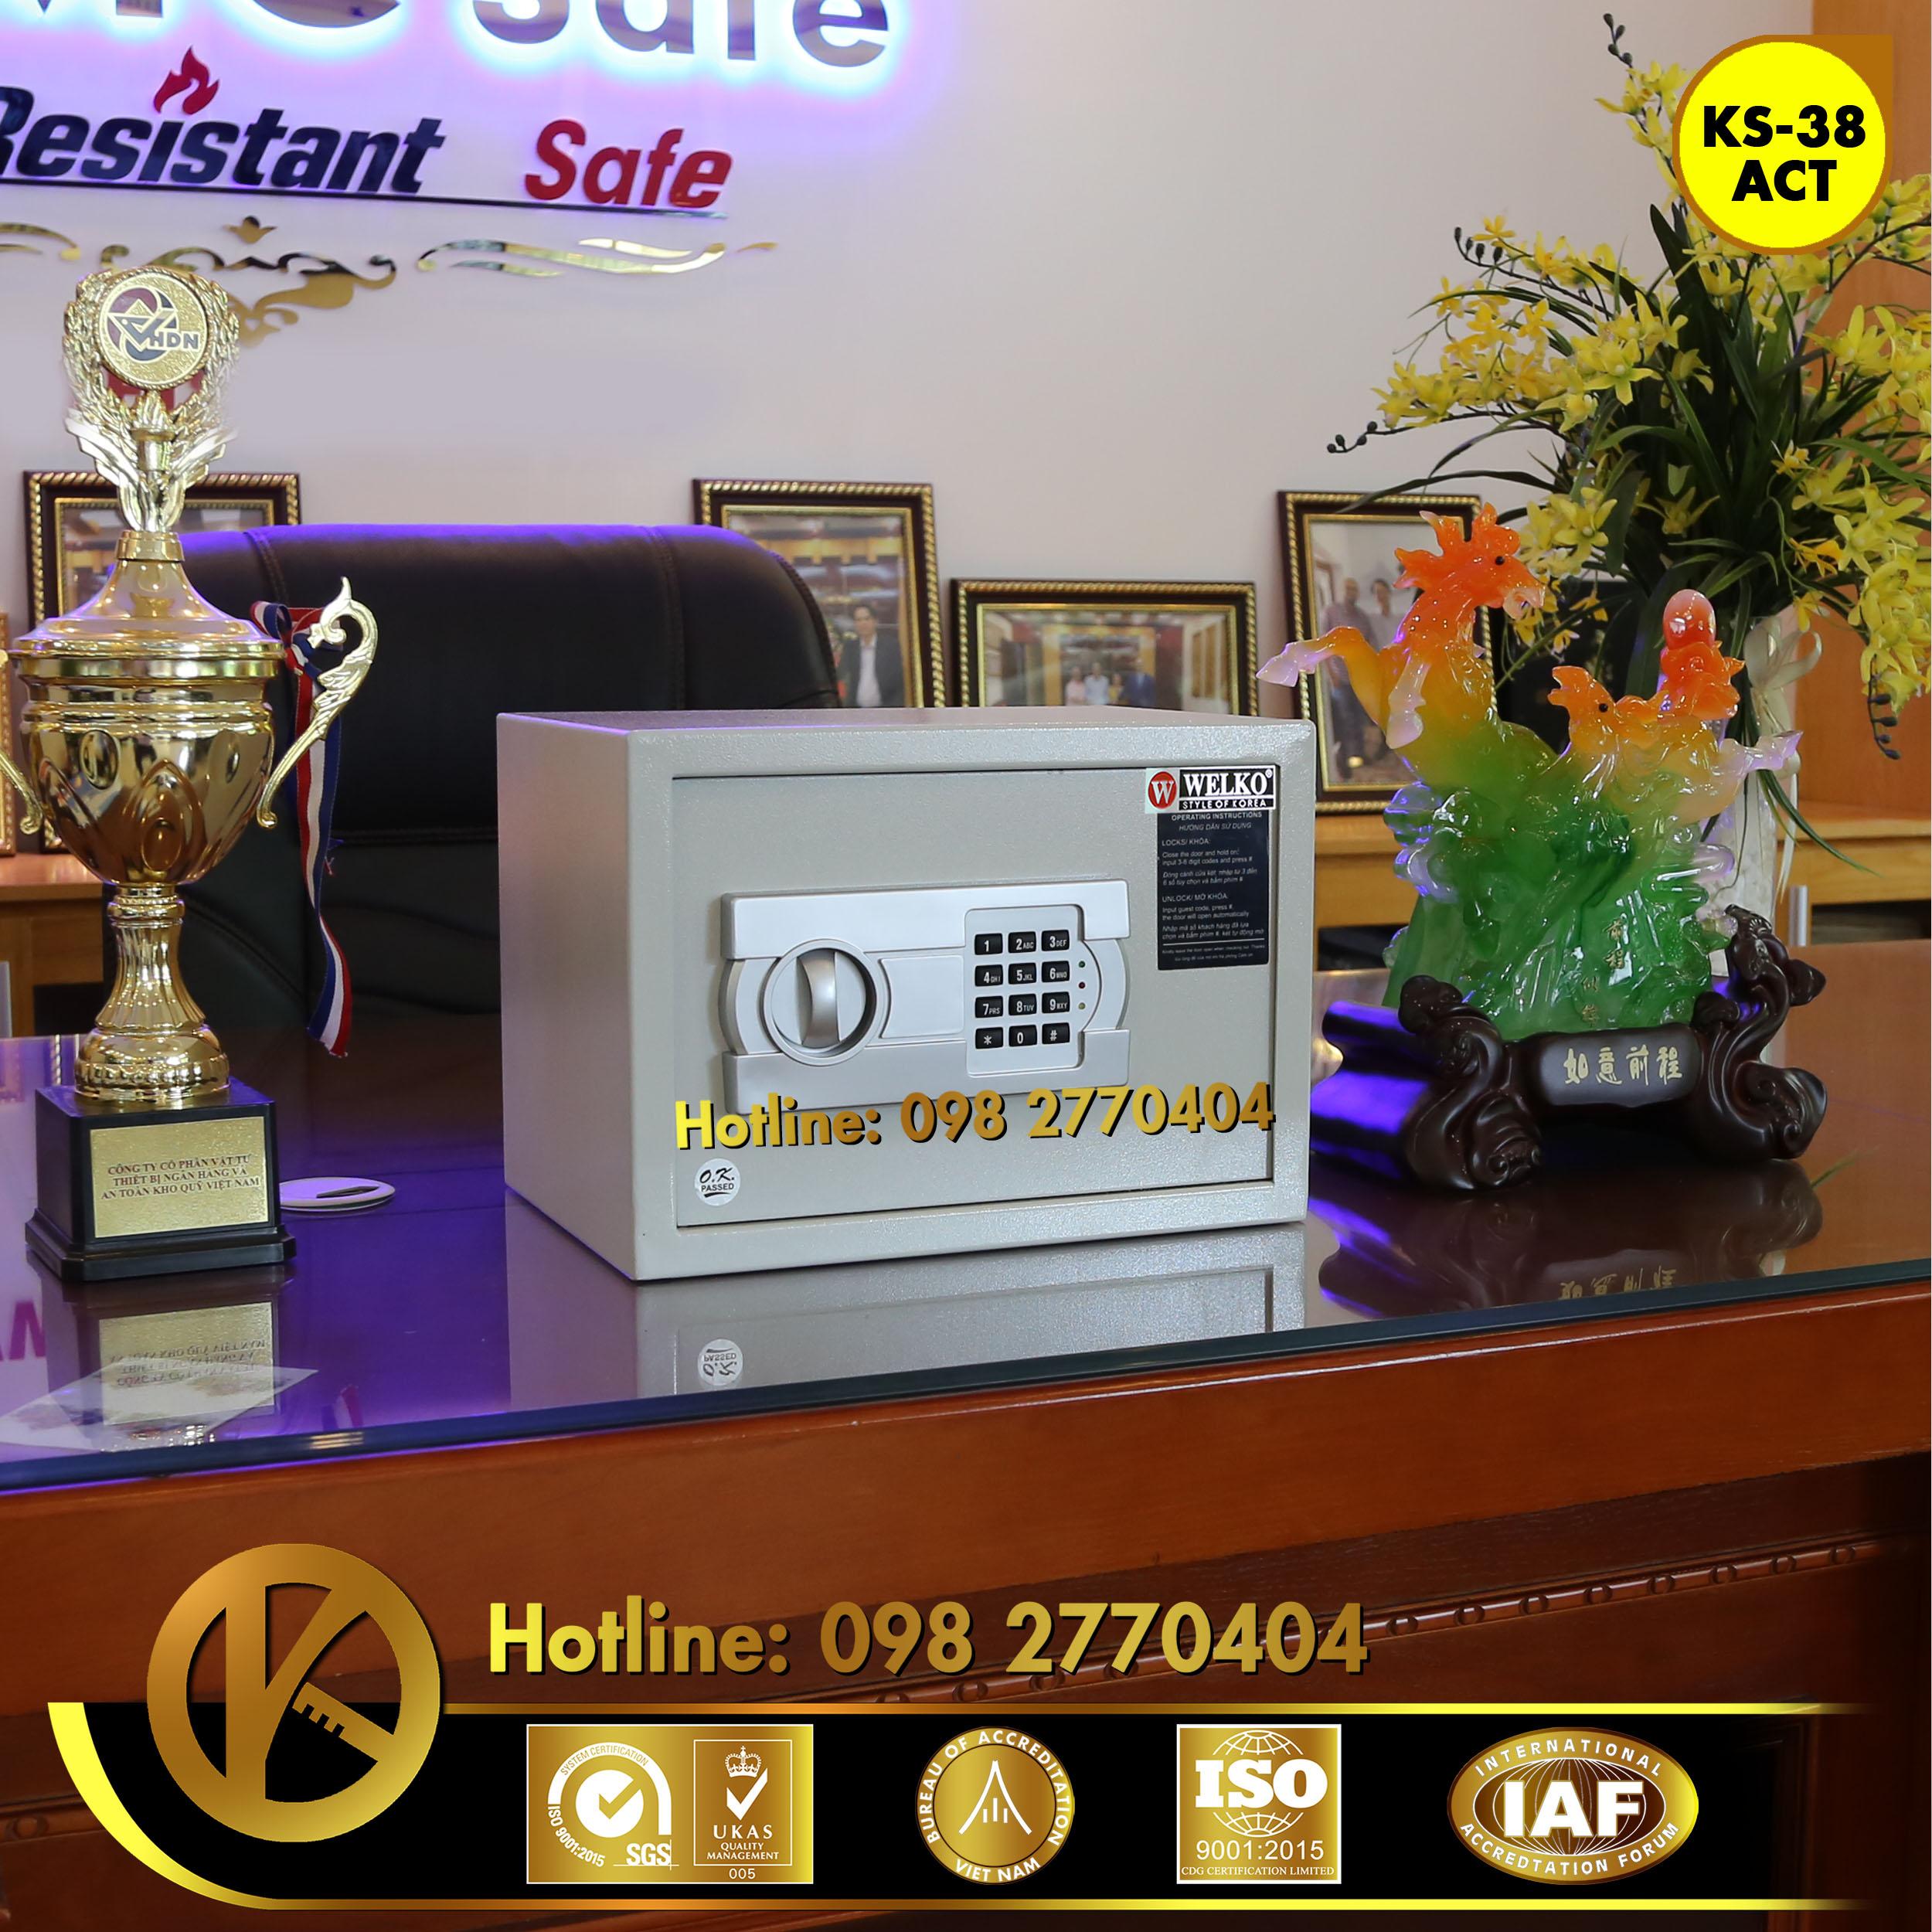 cửa hàng bán ket sat khach san Hotel safe tai Thanh Dia My Son